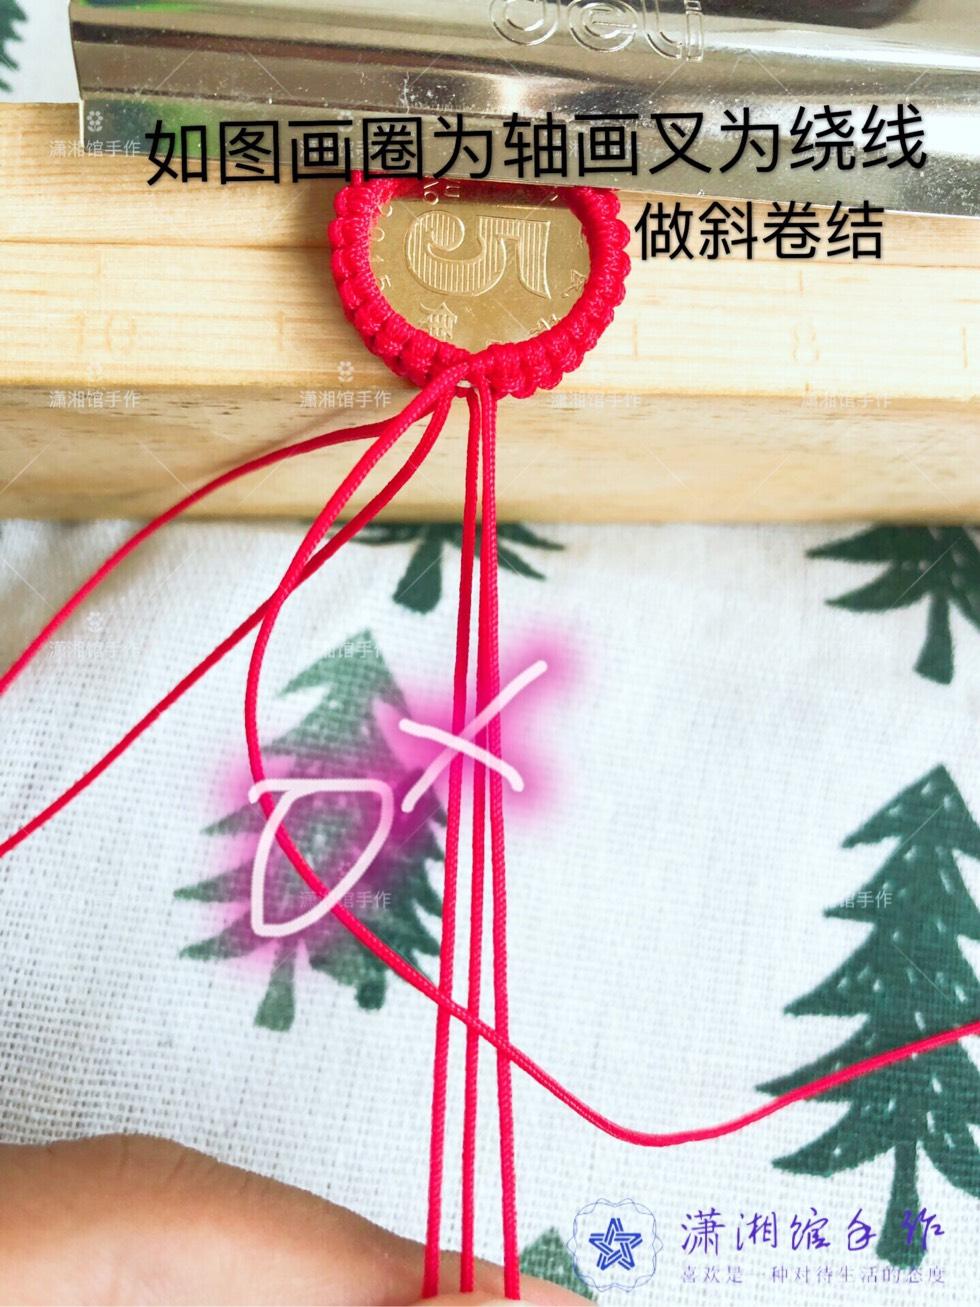 中国结论坛 硬币天使翅膀手链  图文教程区 162430zv9kx9zk3t89zxki